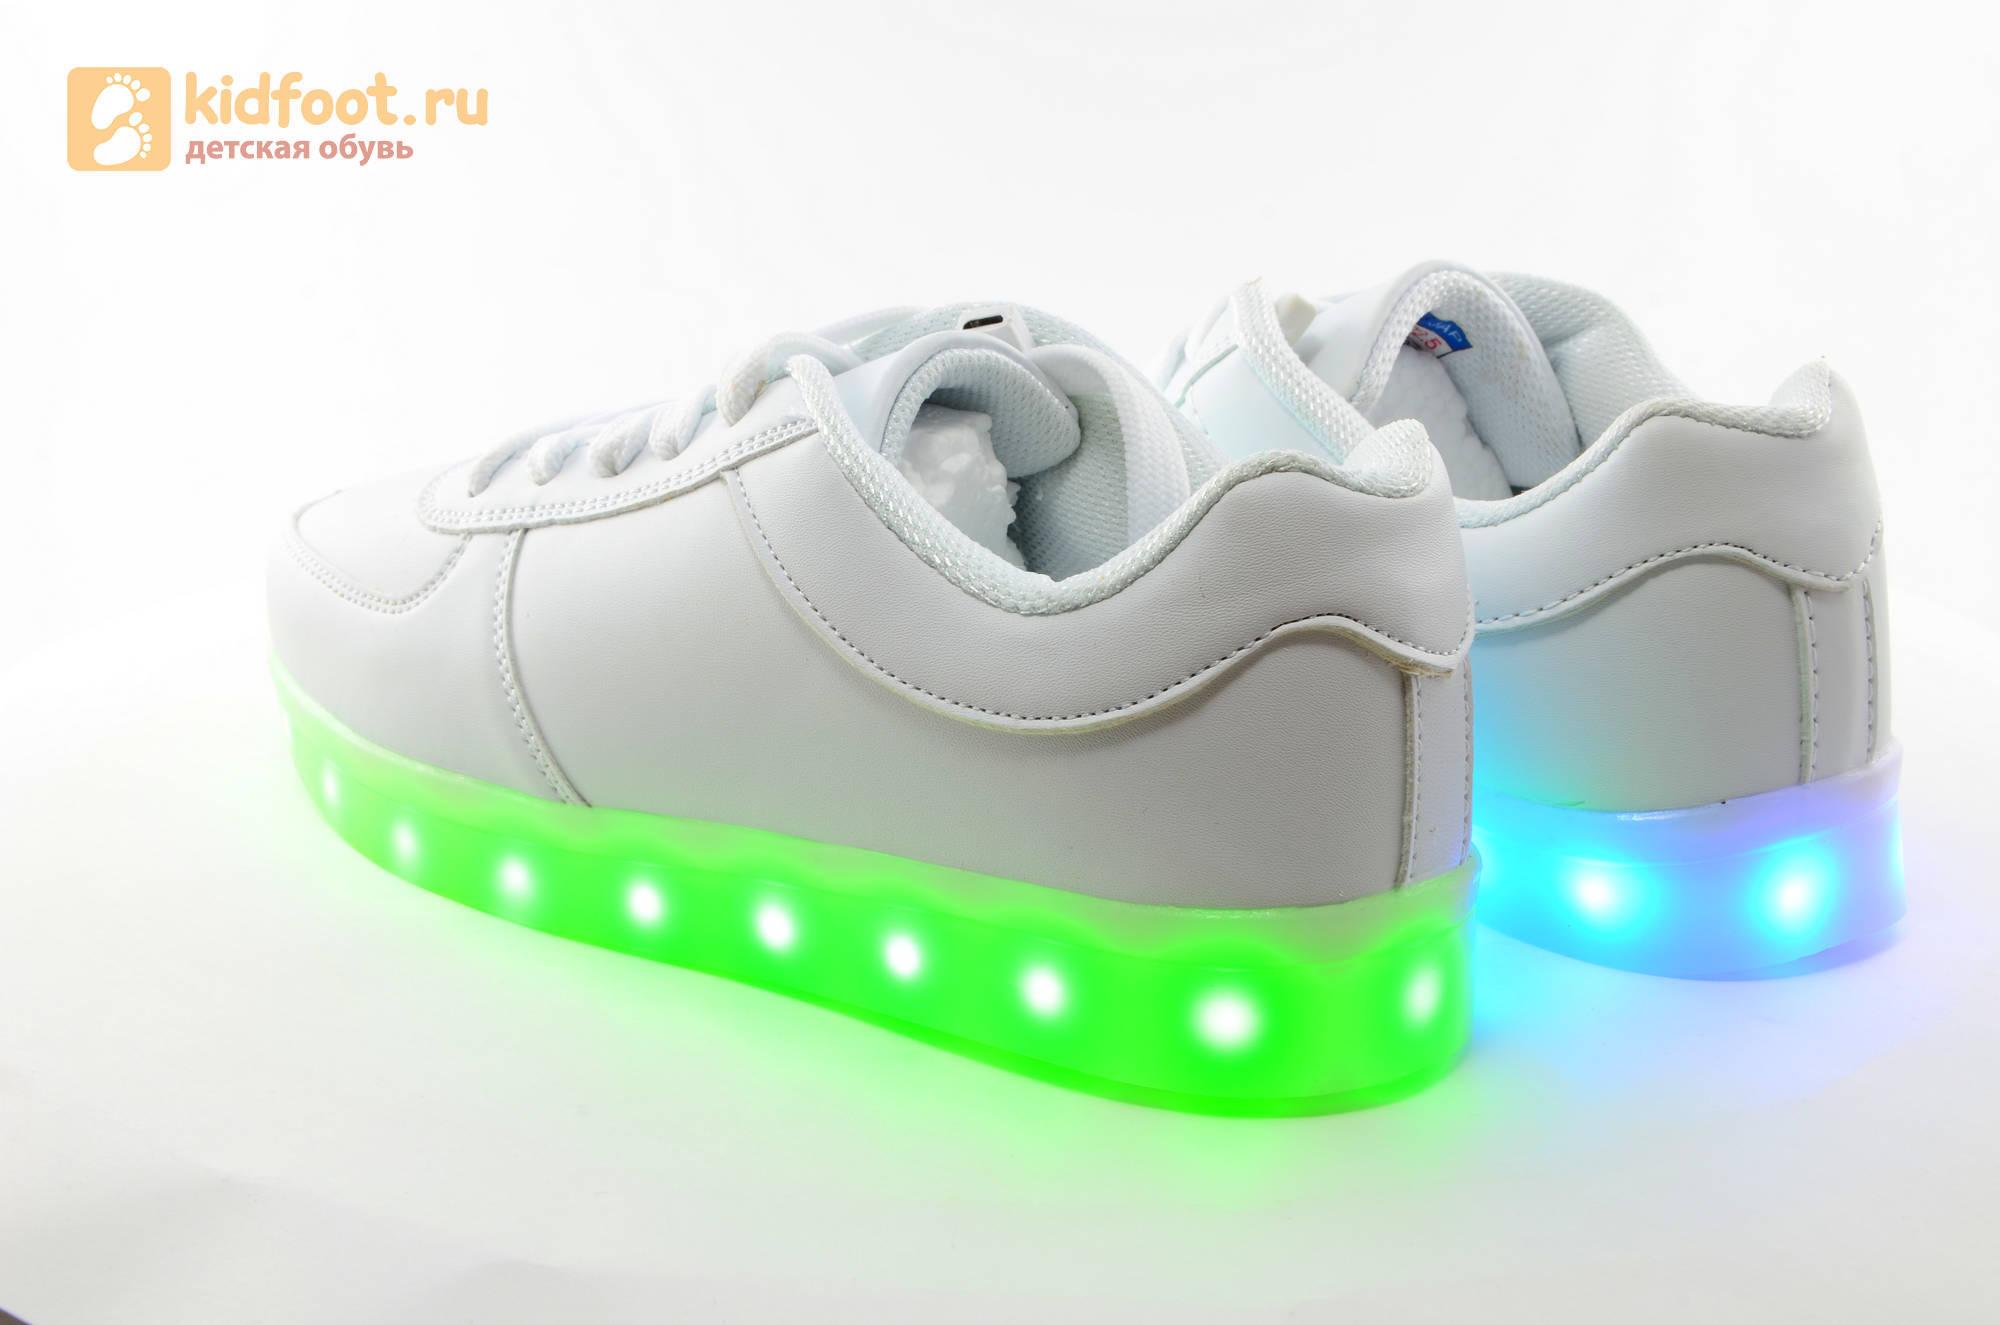 Светящиеся кроссовки с USB зарядкой Fashion (Фэшн) на шнурках, цвет белый, светится вся подошва